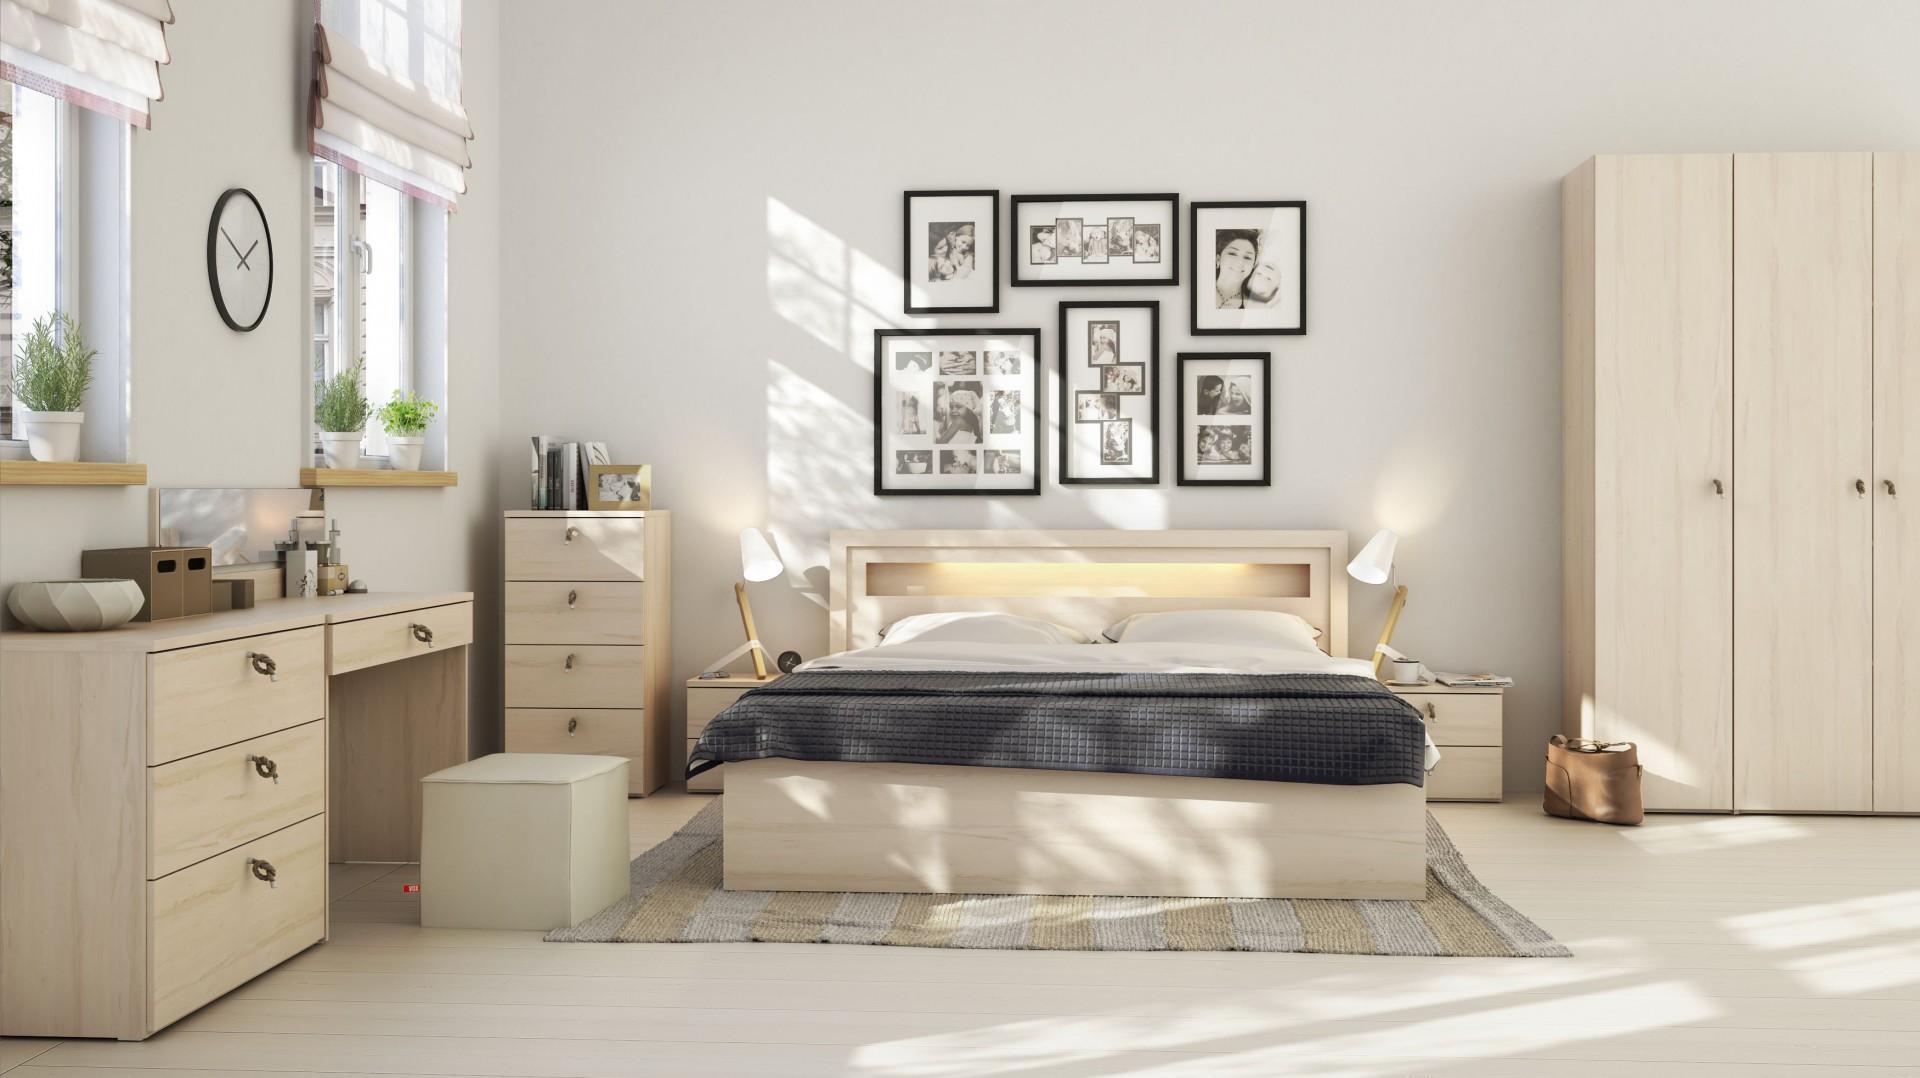 Wybieramy Meble Meble Do Sypialni 10 Kolekcji Z Jasnego Drewna